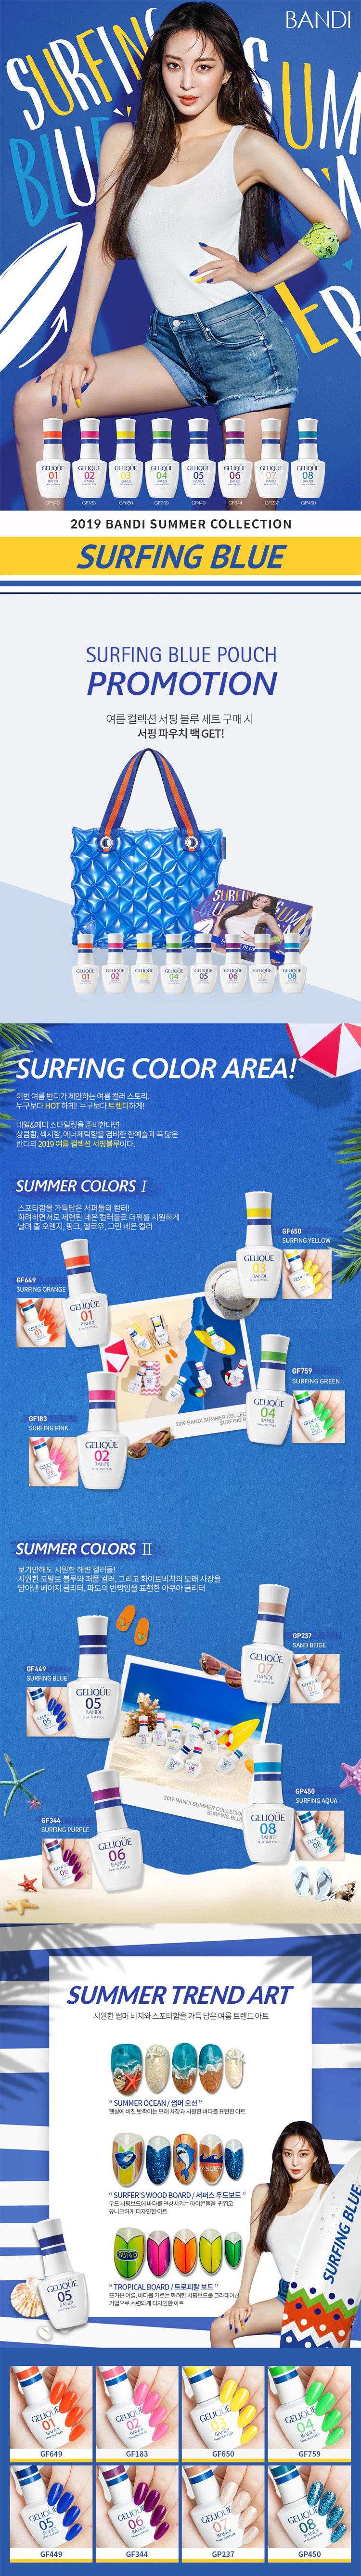 diamond-nail-supplies-bandi-gelique-summer-trend-surfing-blue-spec.jpg